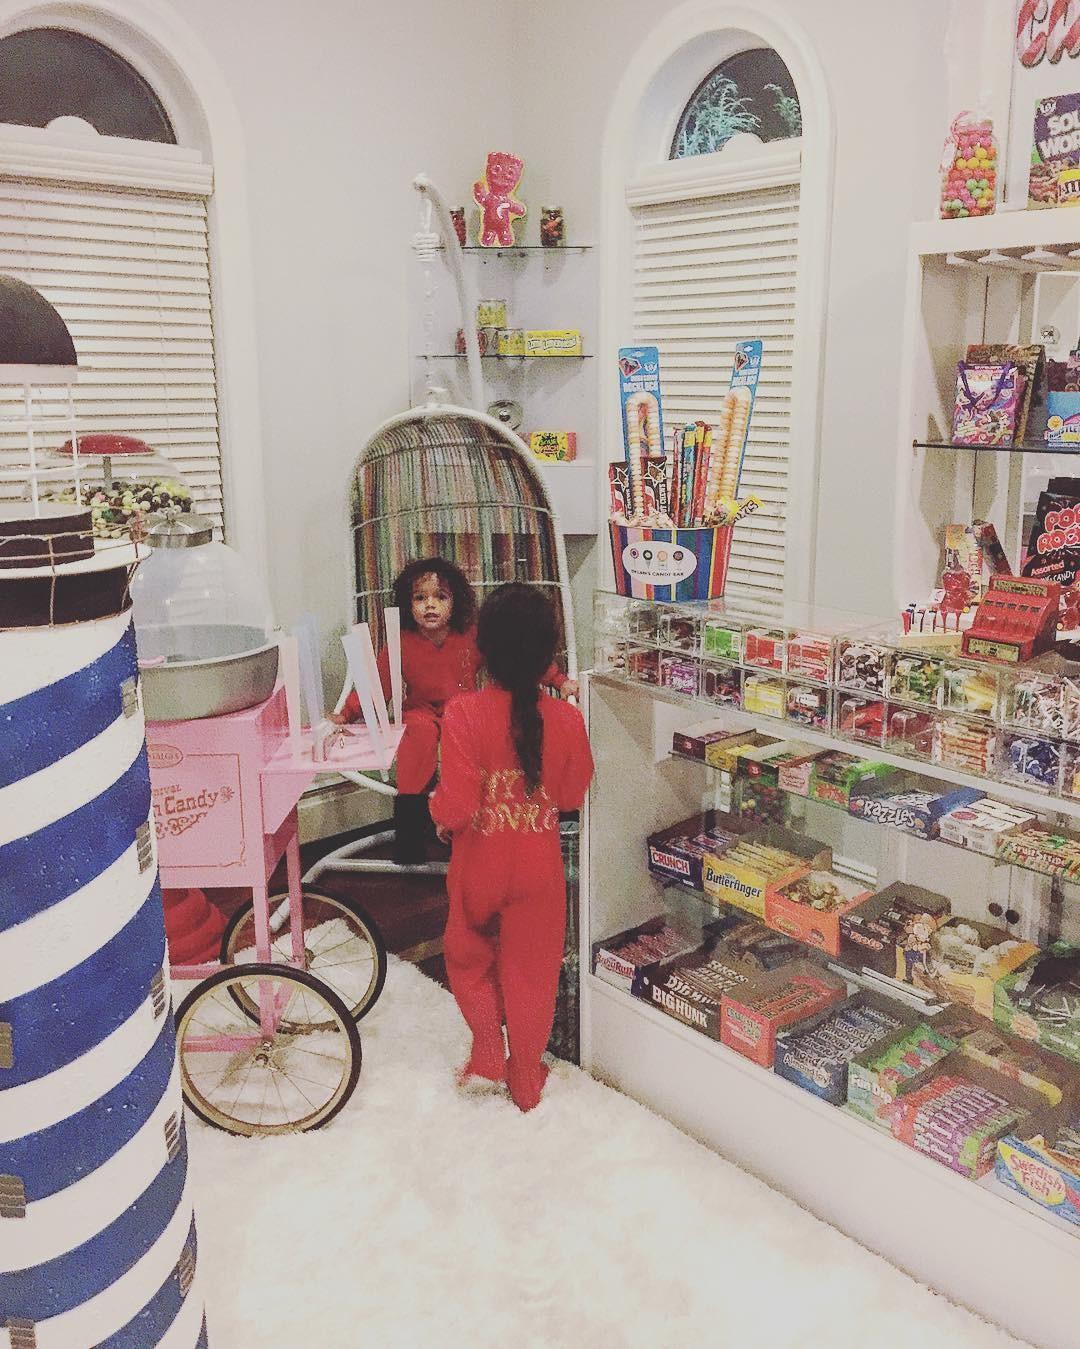 O quarto de doces dos gêmeos Moroccan e Monroe (Foto: Reprodução)